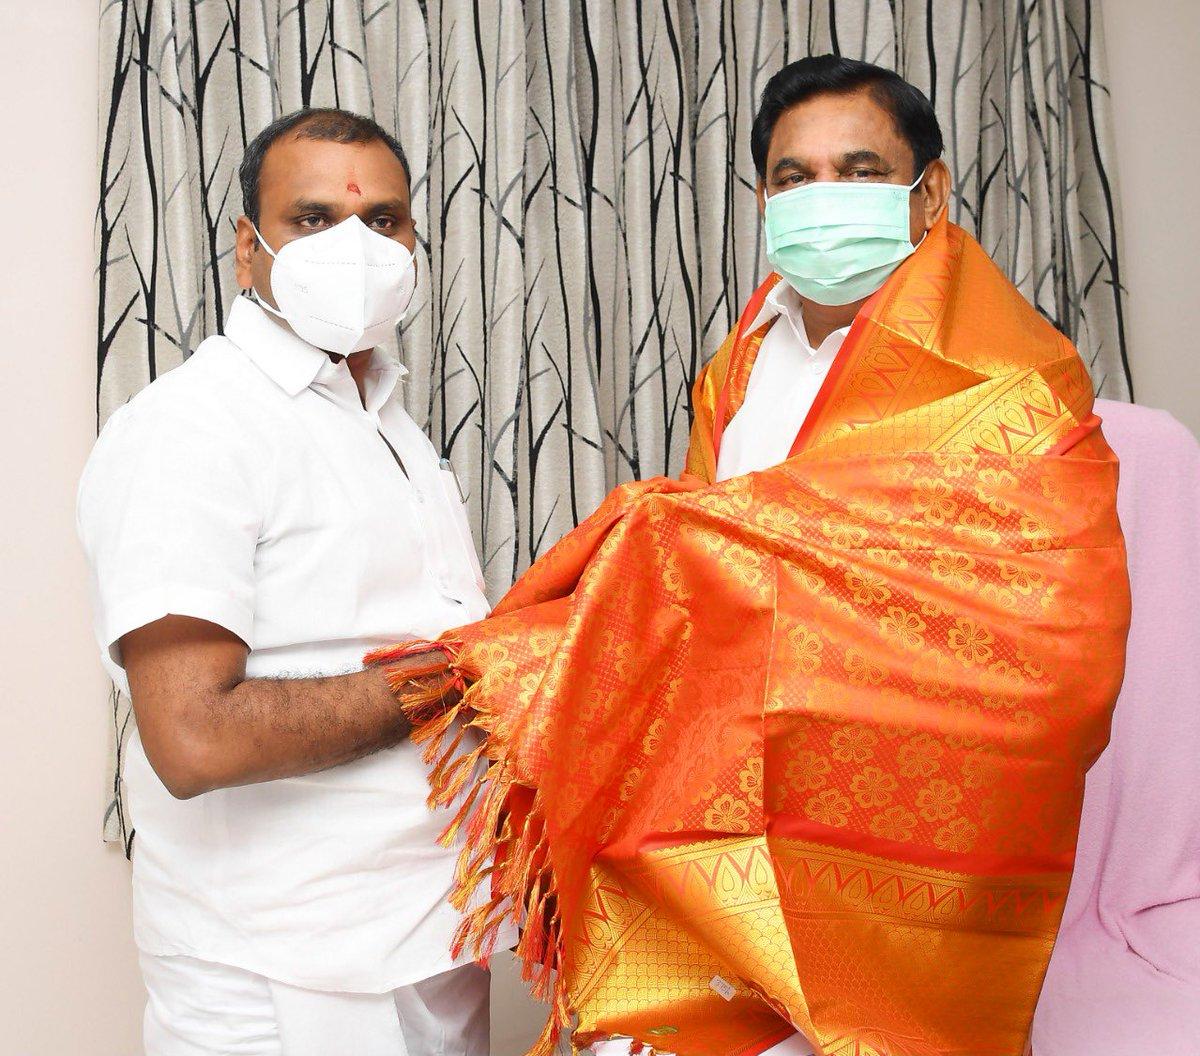 முகாம் அலுவலகத்தில் பாரதிய ஜனதா கட்சியின் மாநிலத் தலைவர் திரு.எல்.முருகன் அவர்கள் நேரில் சந்தித்து, 2021-ல் நடைபெறவுள்ள தமிழ்நாடு சட்டமன்றப் பொதுத் தேர்தலில் கழகத்தின் முதலமைச்சர் வேட்பாளராக அறிவிக்கப்பட்டதை தொடர்ந்து வாழ்த்து தெரிவித்தார்.